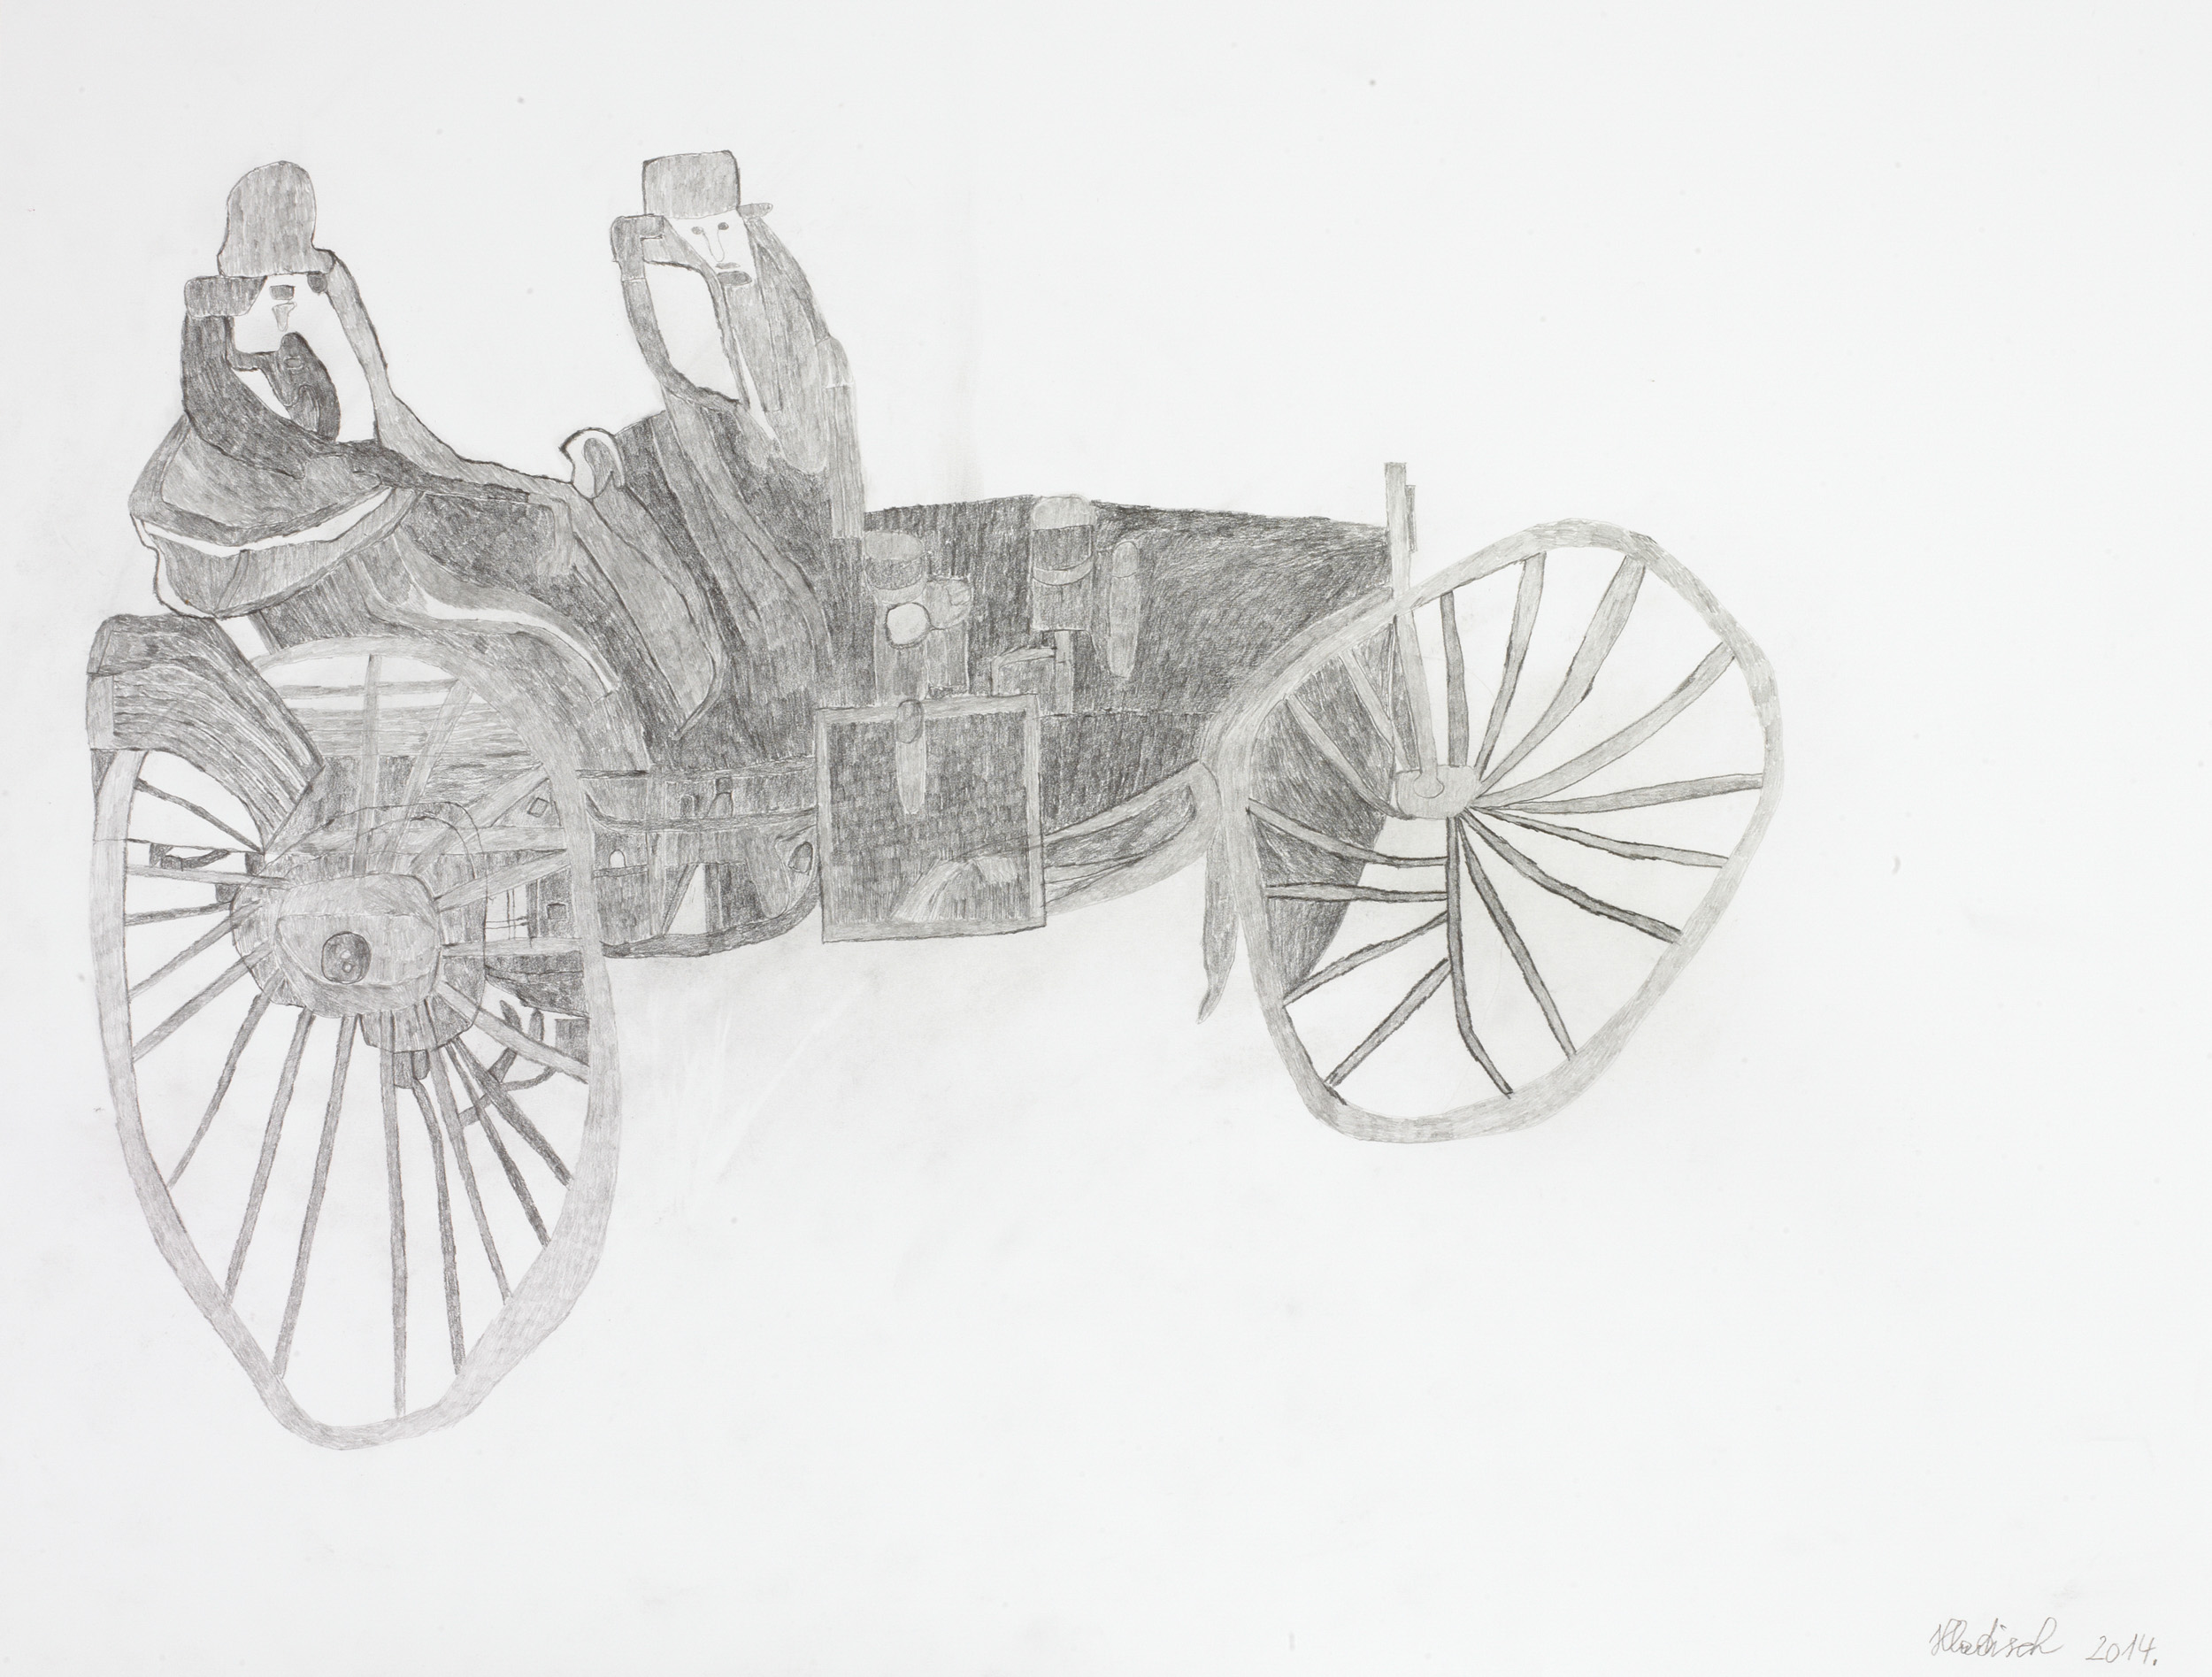 hladisch helmut - Motorwagen / Motor vehicle